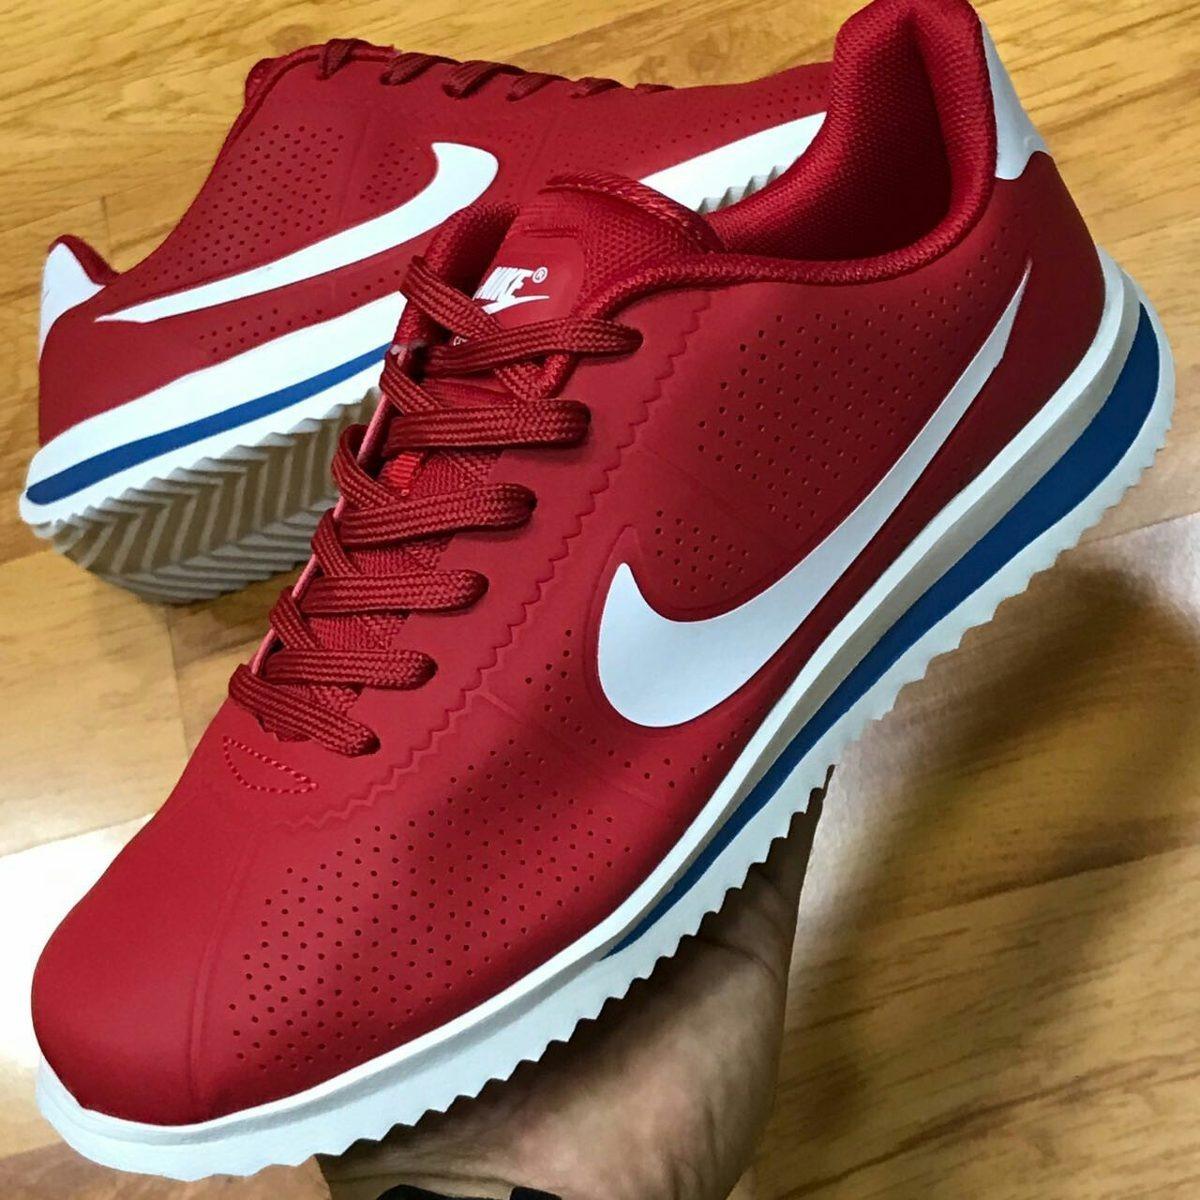 Zapatillas Nike Cortez Basic Se Blanca, Roja Y Azul Hombre